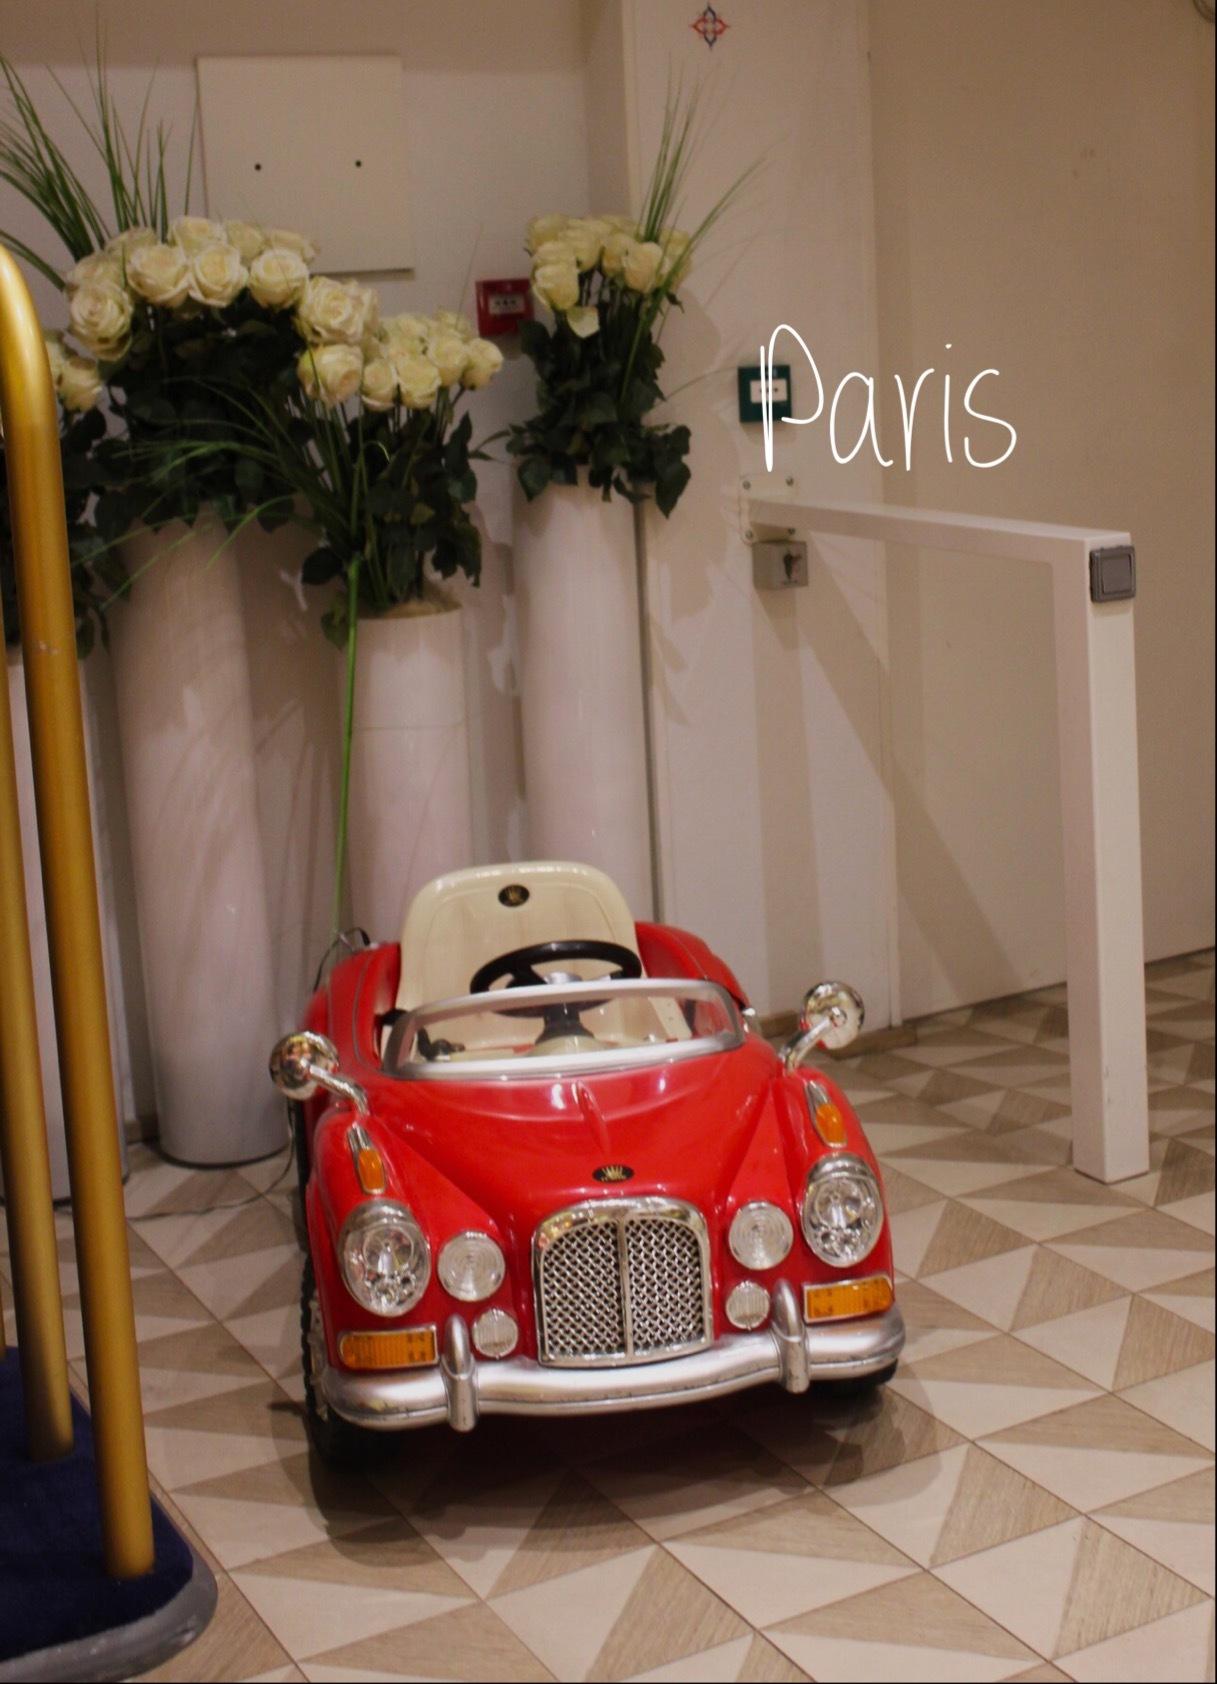 パリから無事帰って来ました〜⸜(* ॑꒳ ॑* )⸝_a0213806_16313388.jpeg